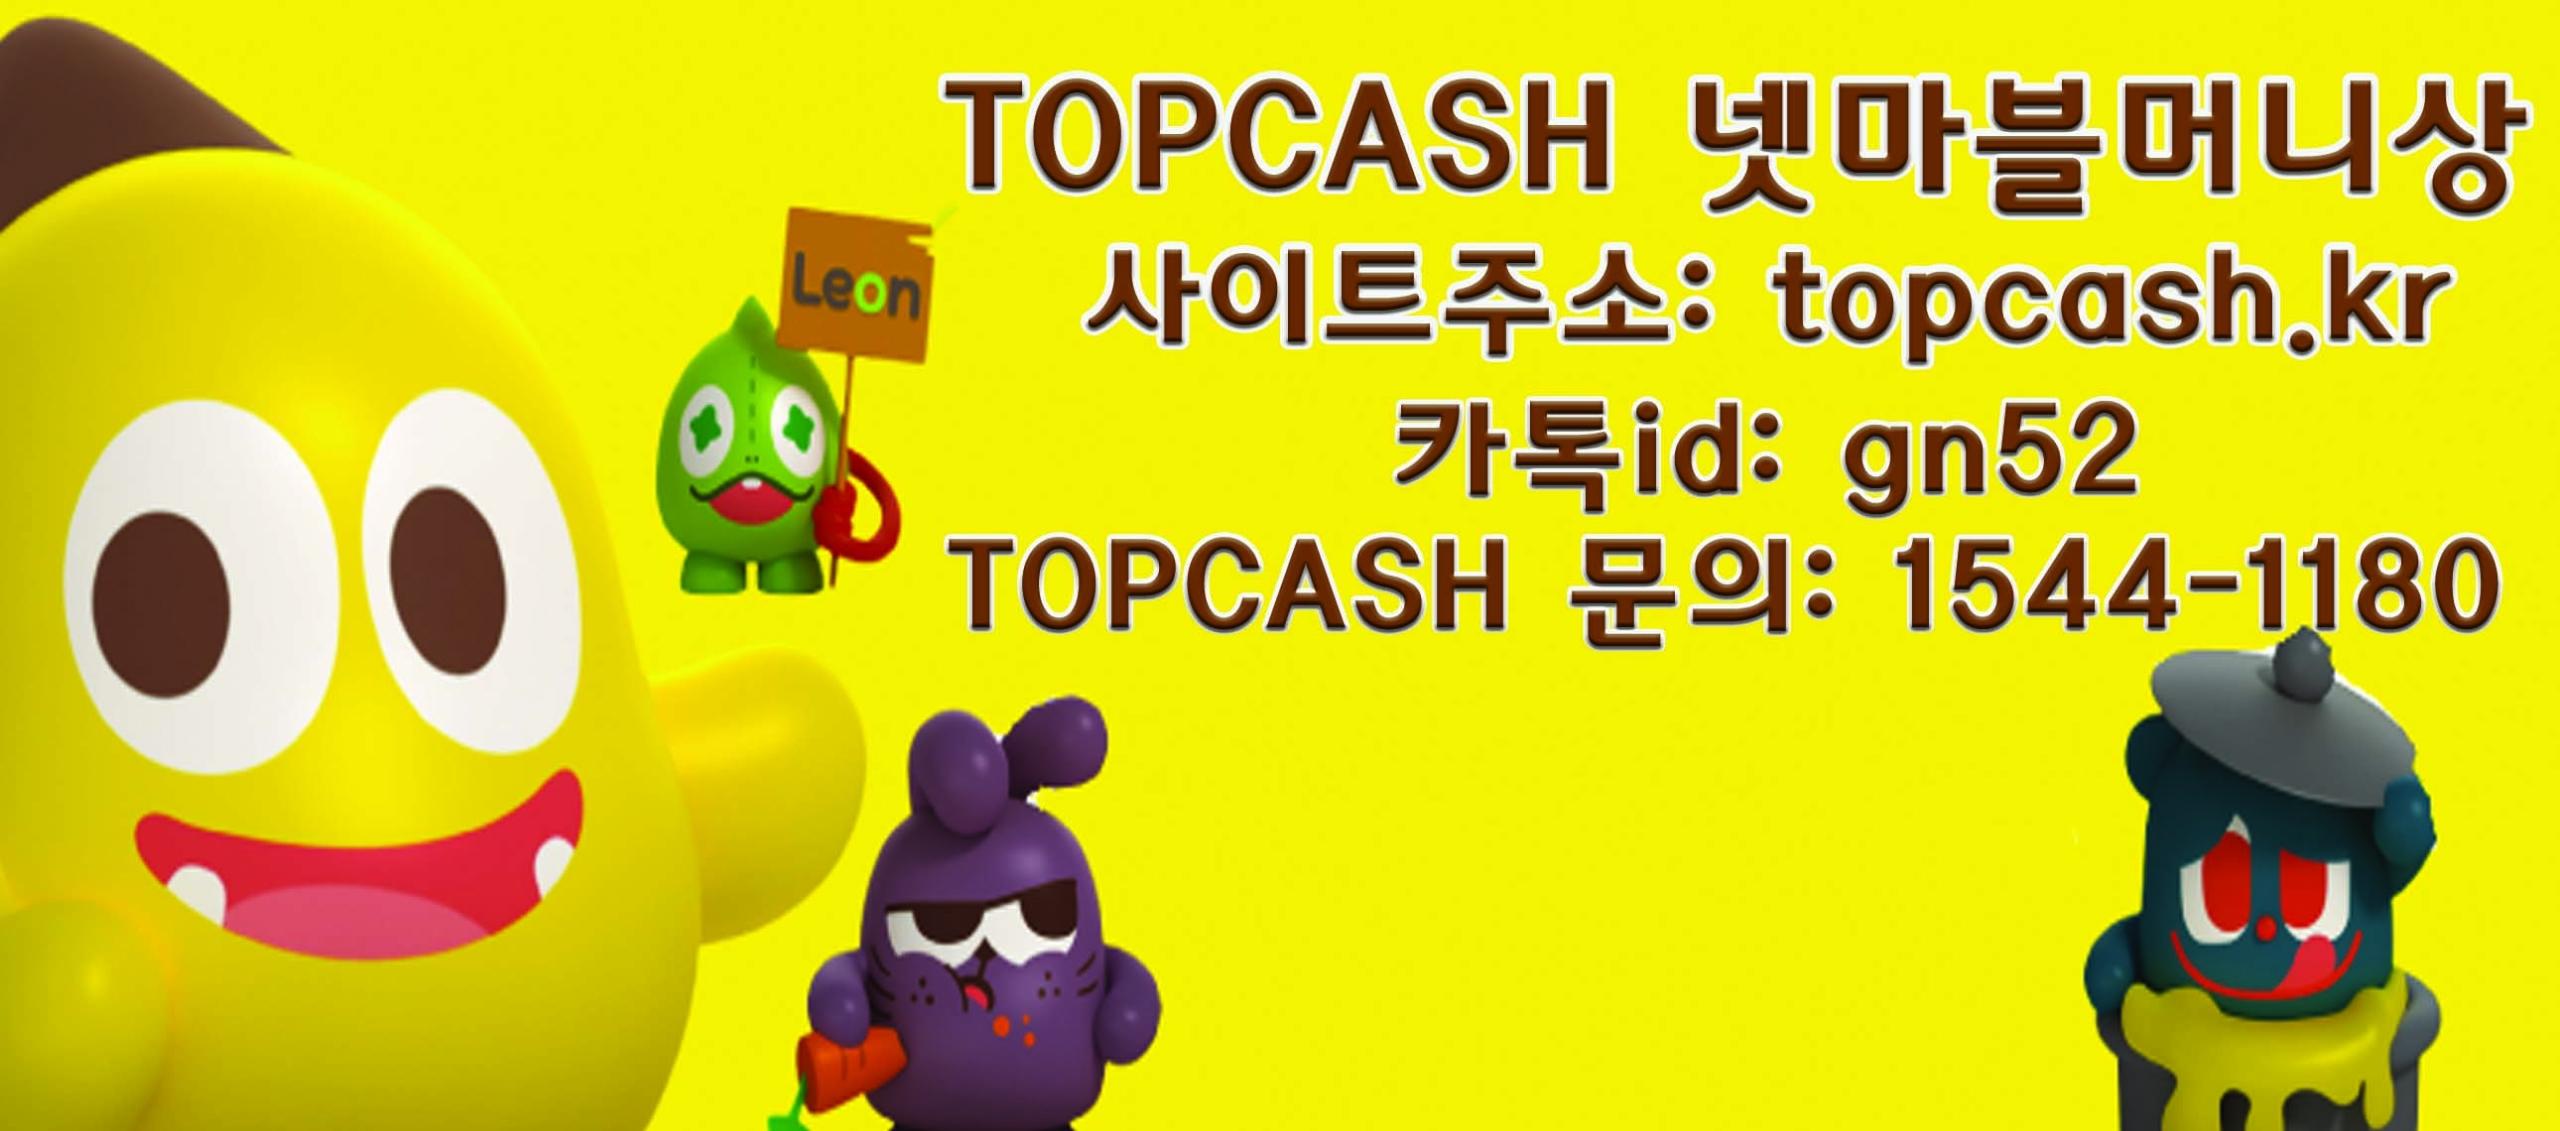 넷마블바둑이시세 TOPCASH닷kr (@sptakqmf29) Cover Image